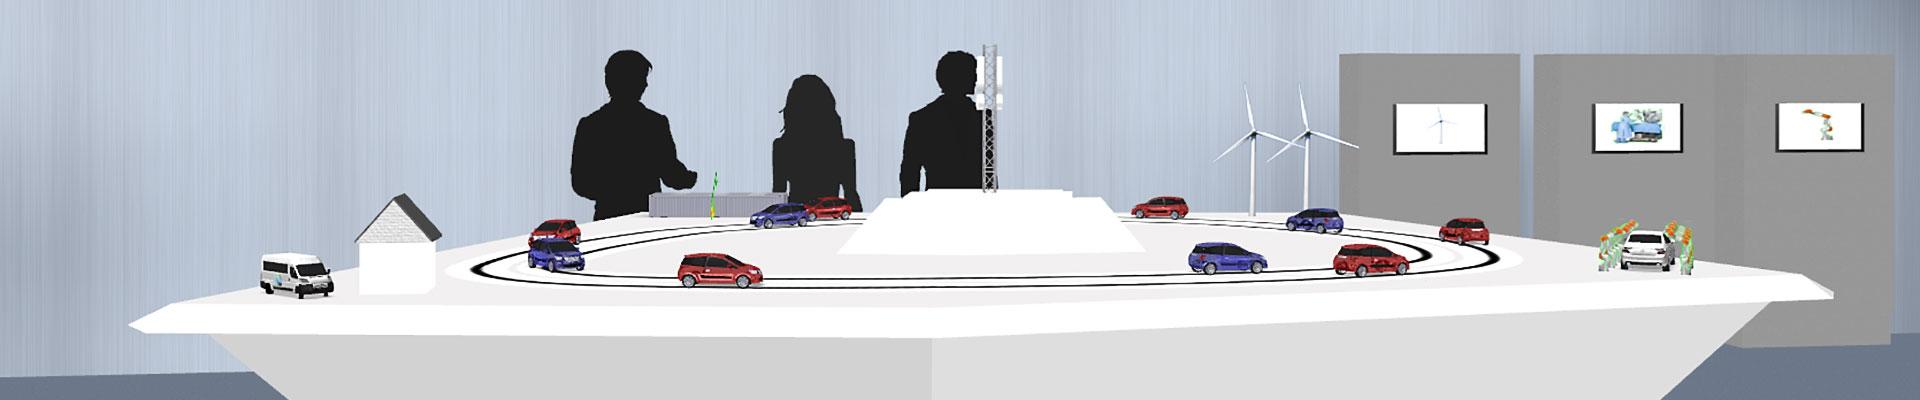 IT-Gipfel 2015: Animation des G5-Exponats mit Fahrzeugen, Windrädern und Fabrikationsroboter.